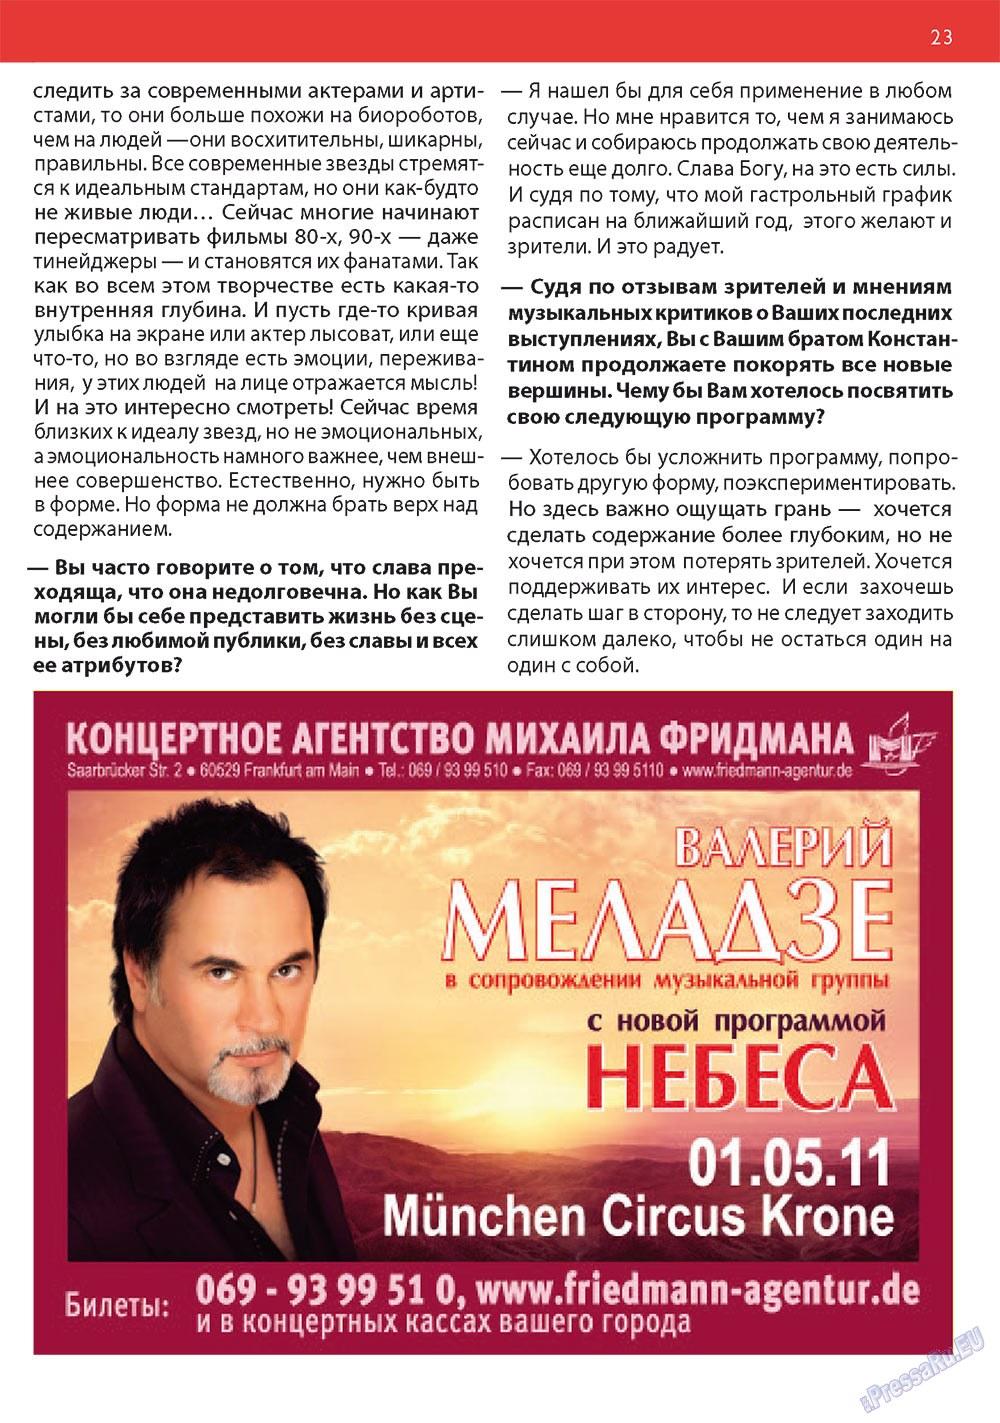 Апельсин (журнал). 2011 год, номер 20, стр. 23